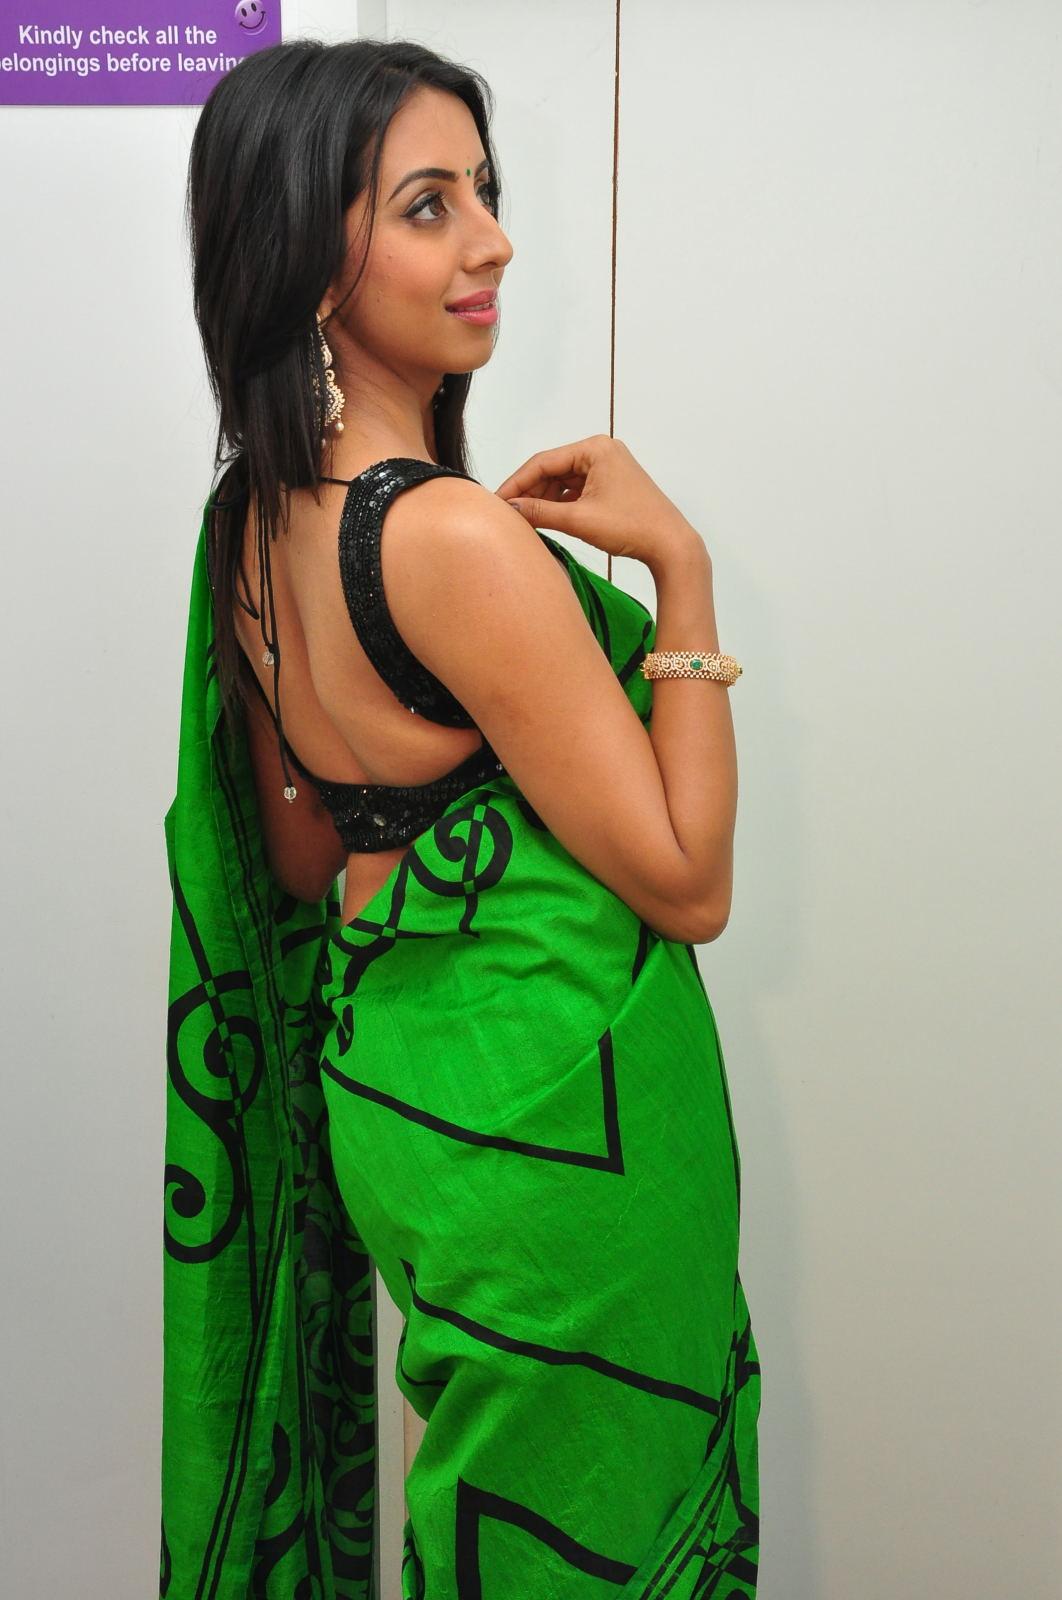 Sanjjana Glamorous at Naturals Saloon launch-HQ-Photo-6